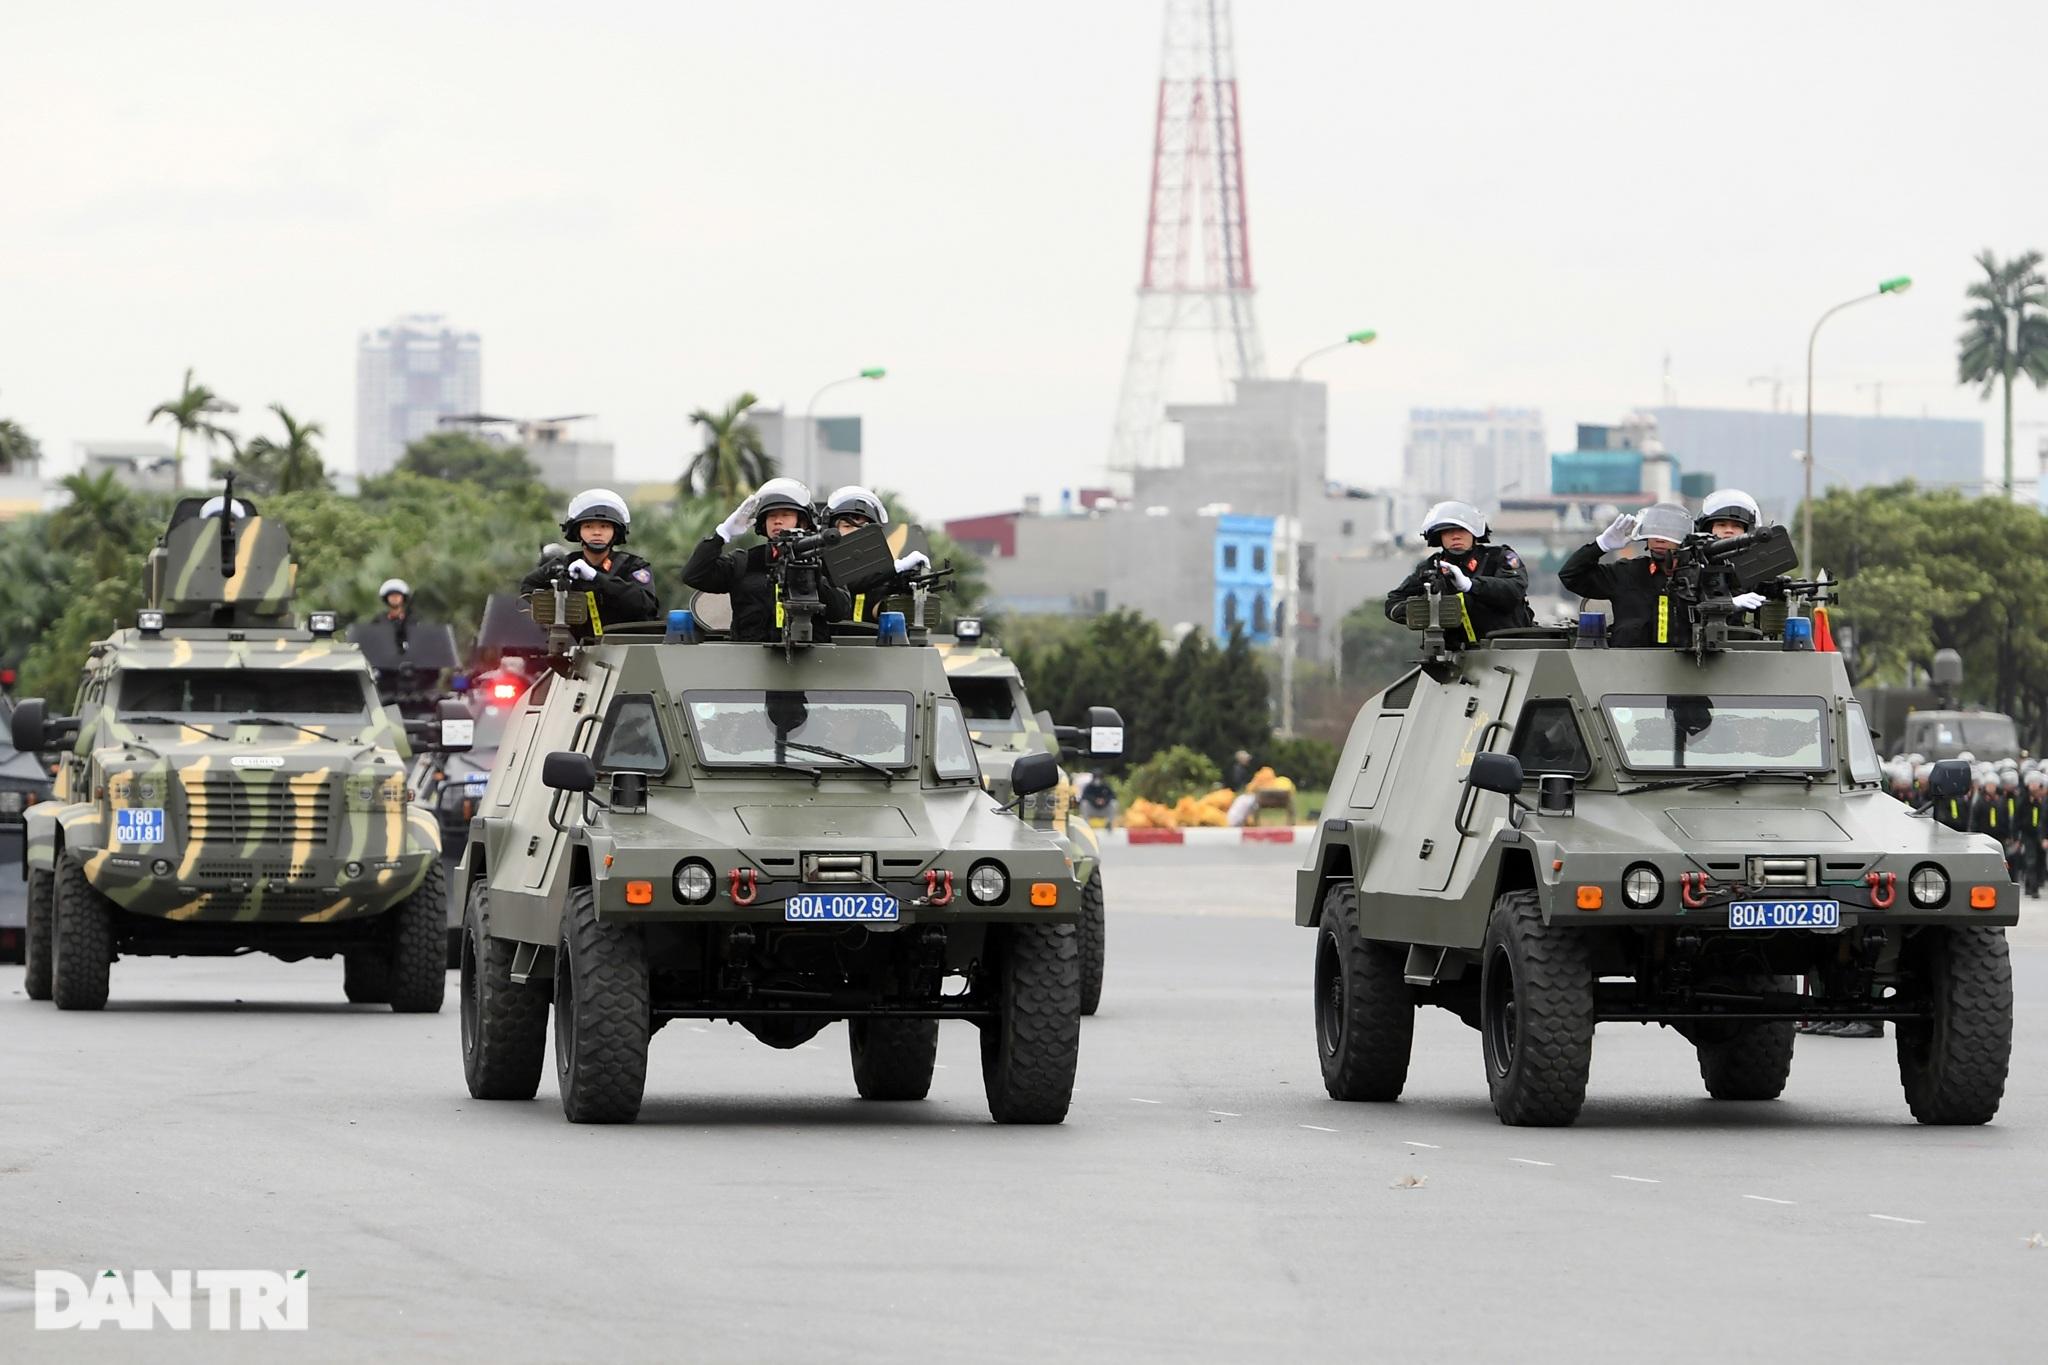 Dàn khí tài đặc chủng tham gia diễn tập bảo vệ Đại hội Đảng toàn quốc - 8